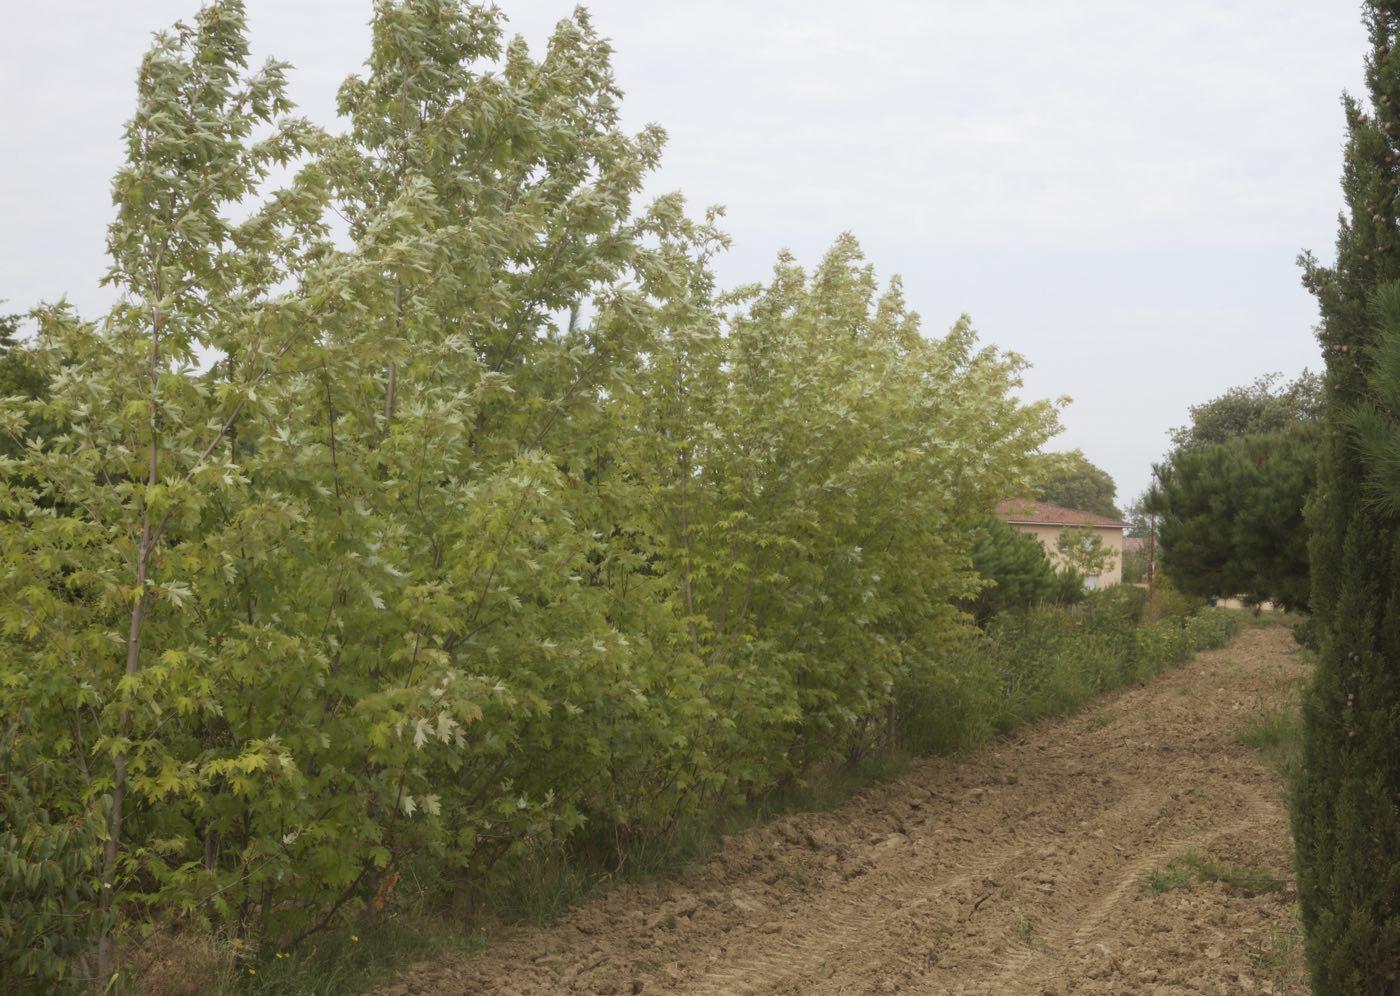 Vente de liquidambar et erables à feuilles rouges en automne - Pépinière de l'Aiguillon producteur Toulouse